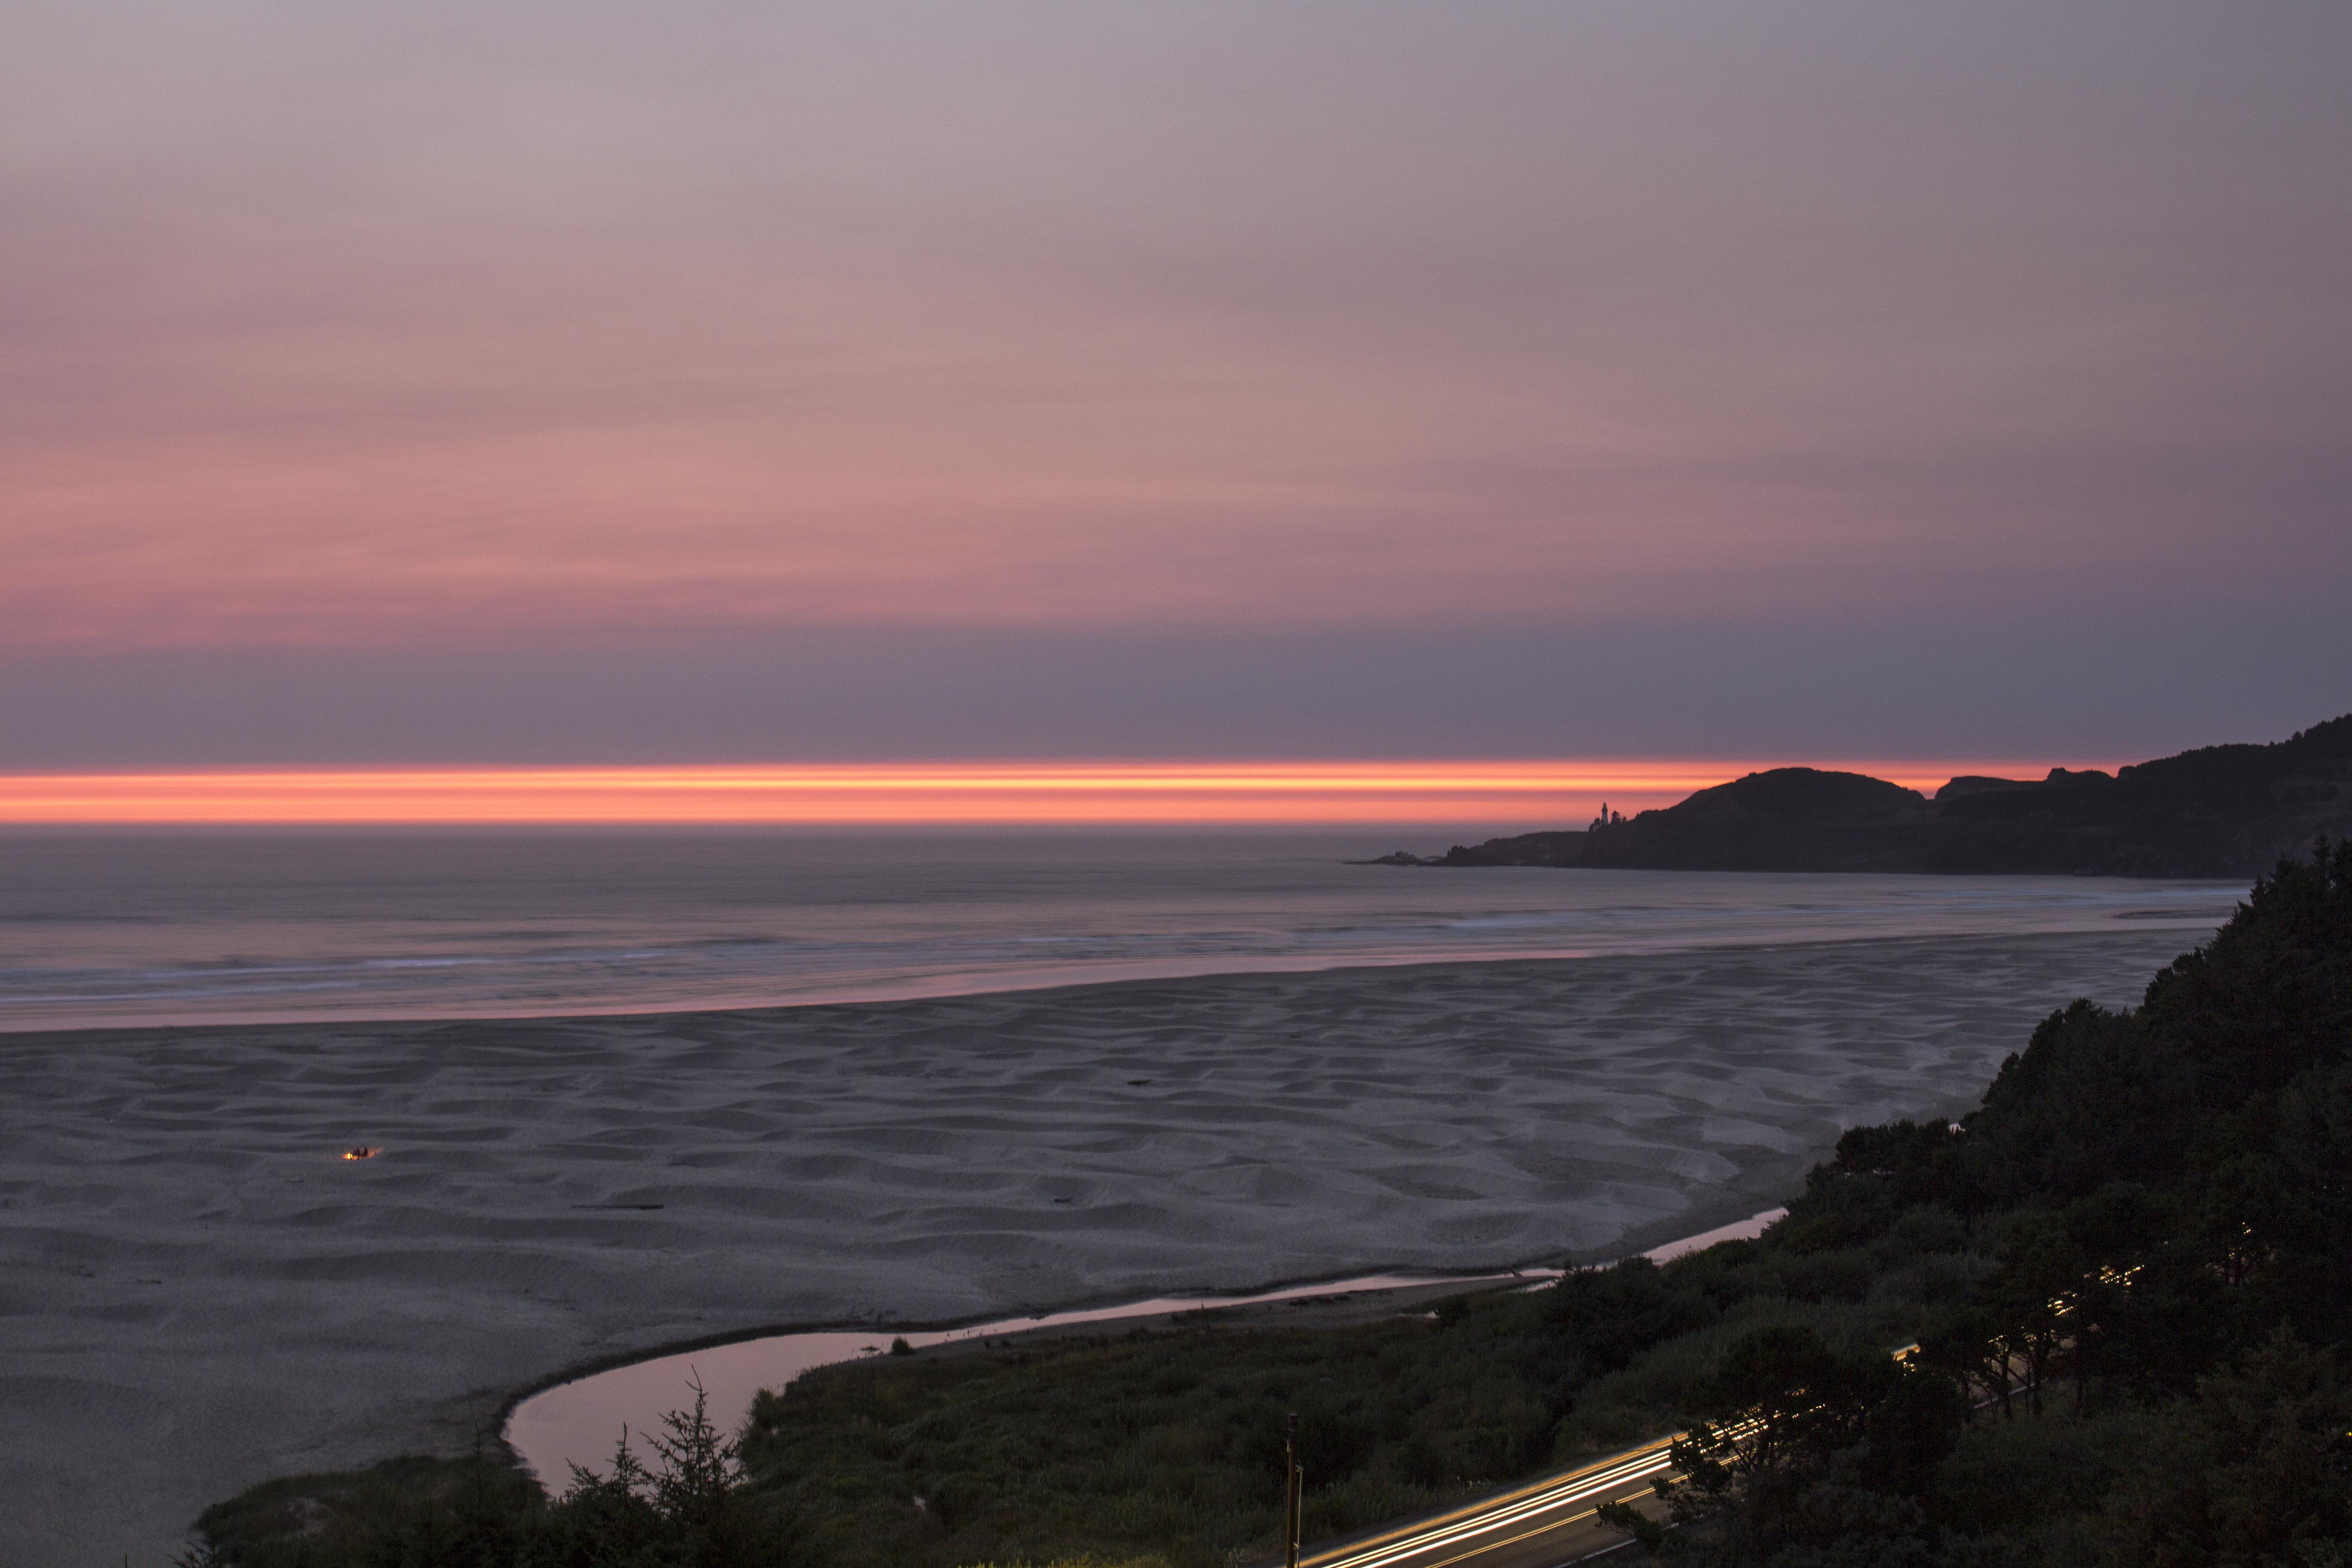 Sunset on the coast, oregon photo